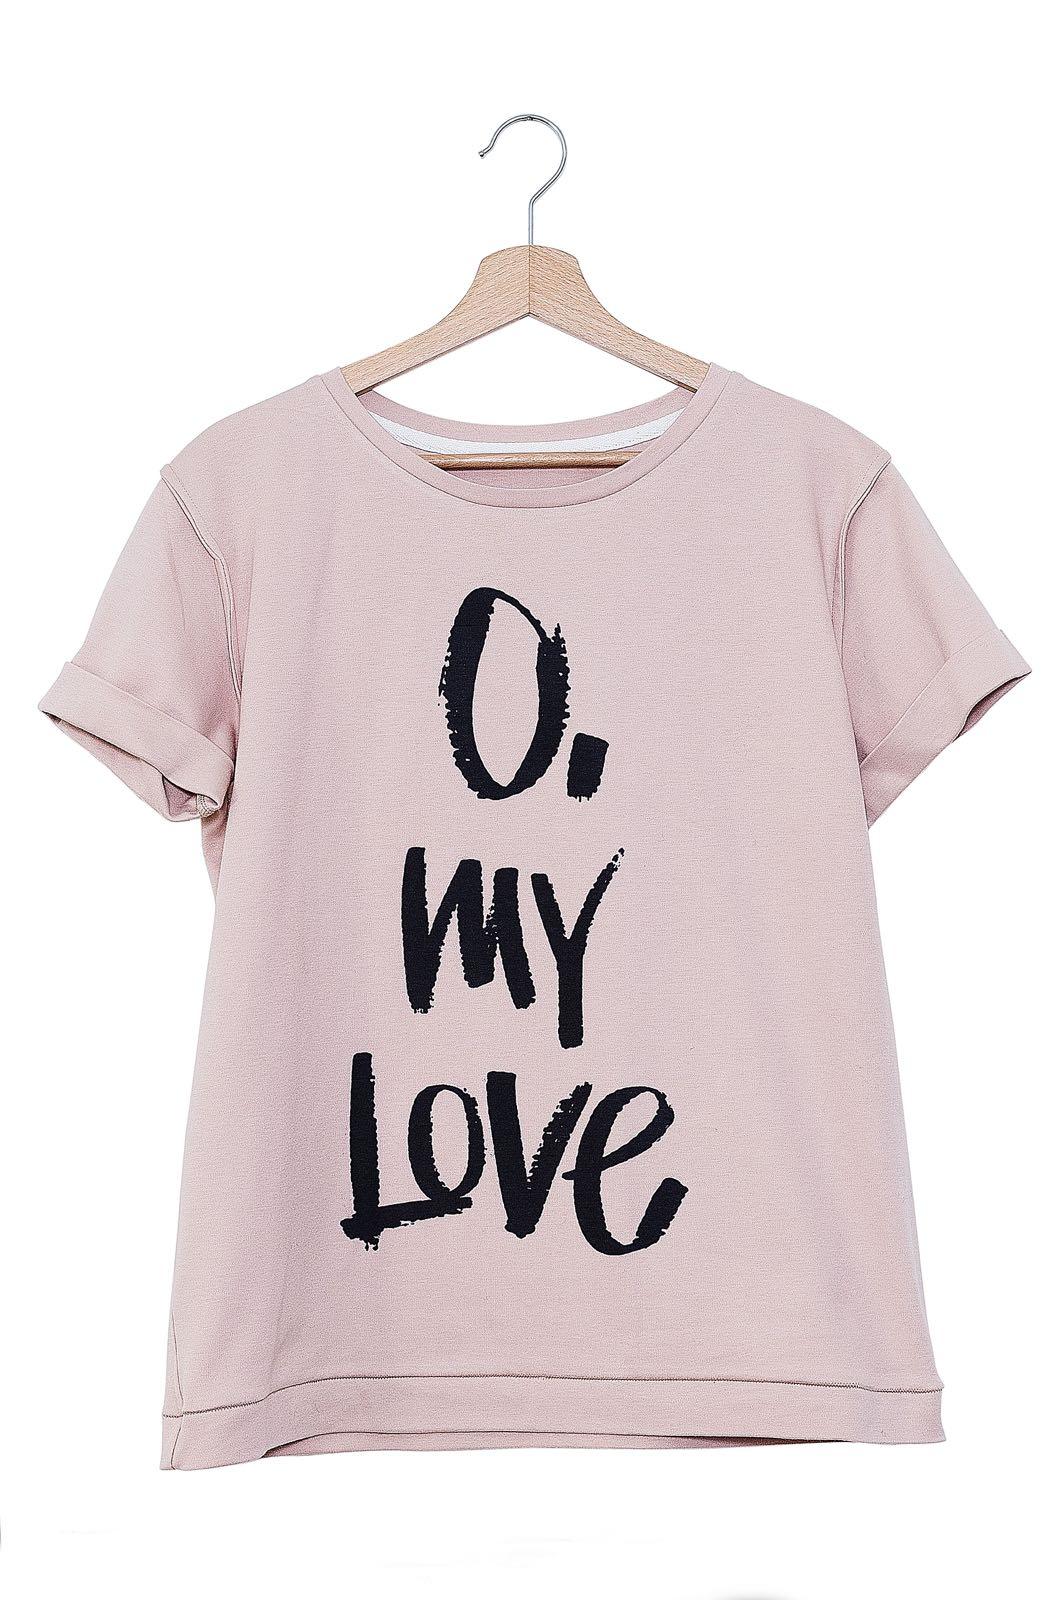 O.My LOve 3